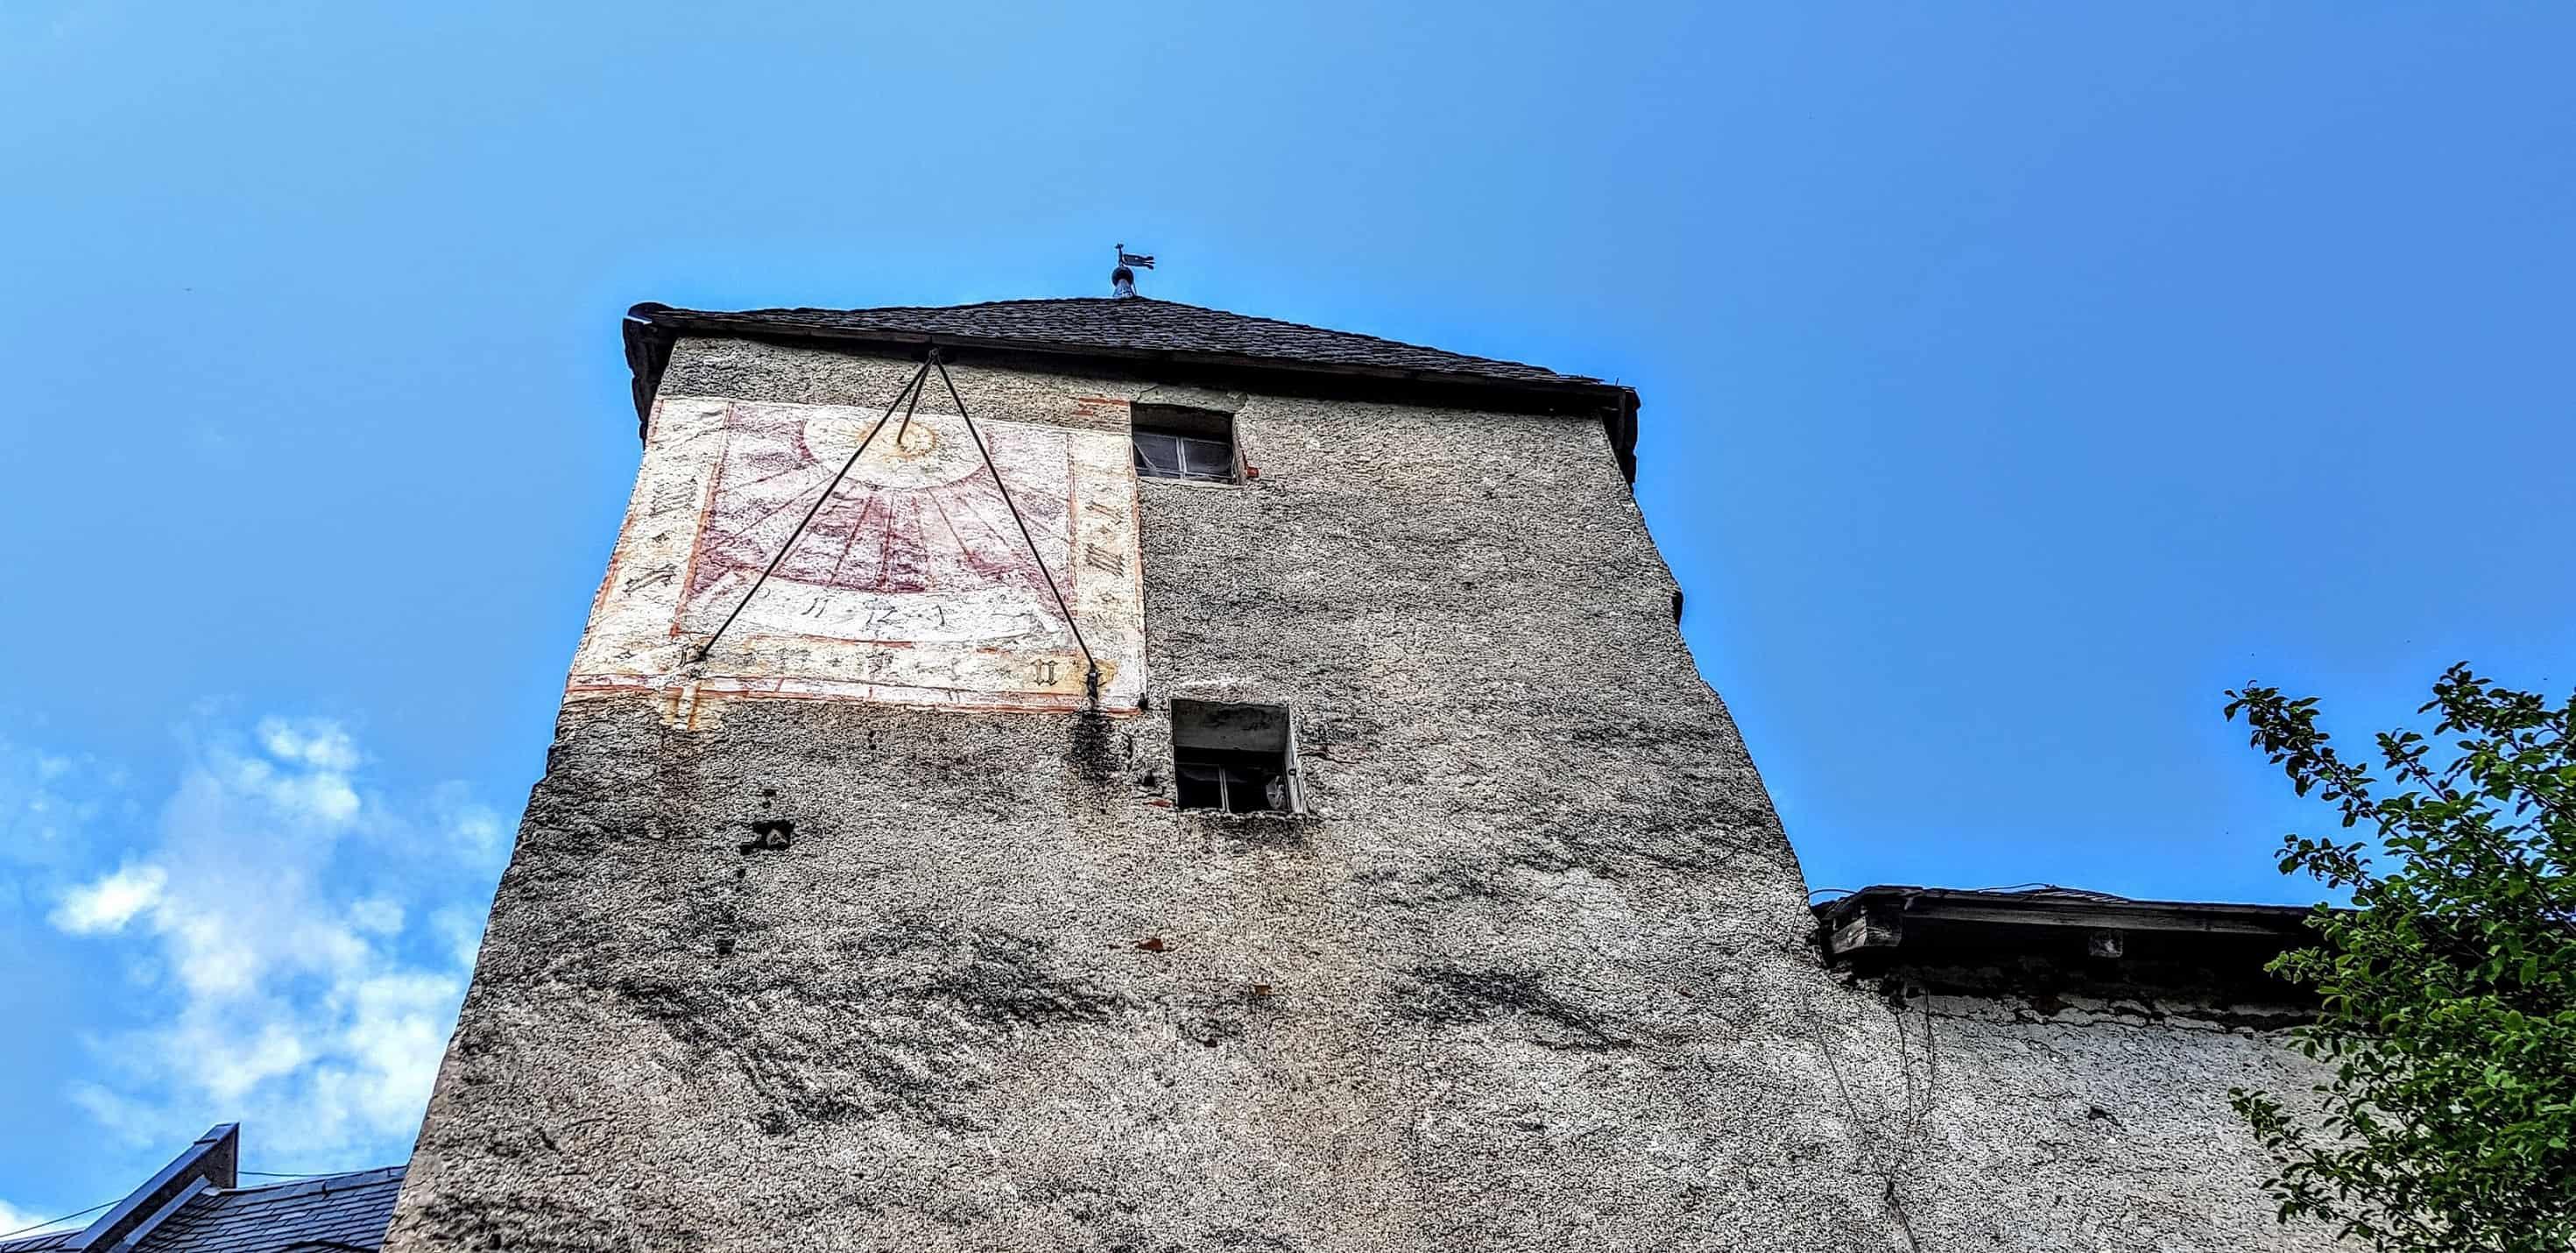 Burgturm mit Sonnenuhr auf der Burg Hochosterwitz in Kärnten.